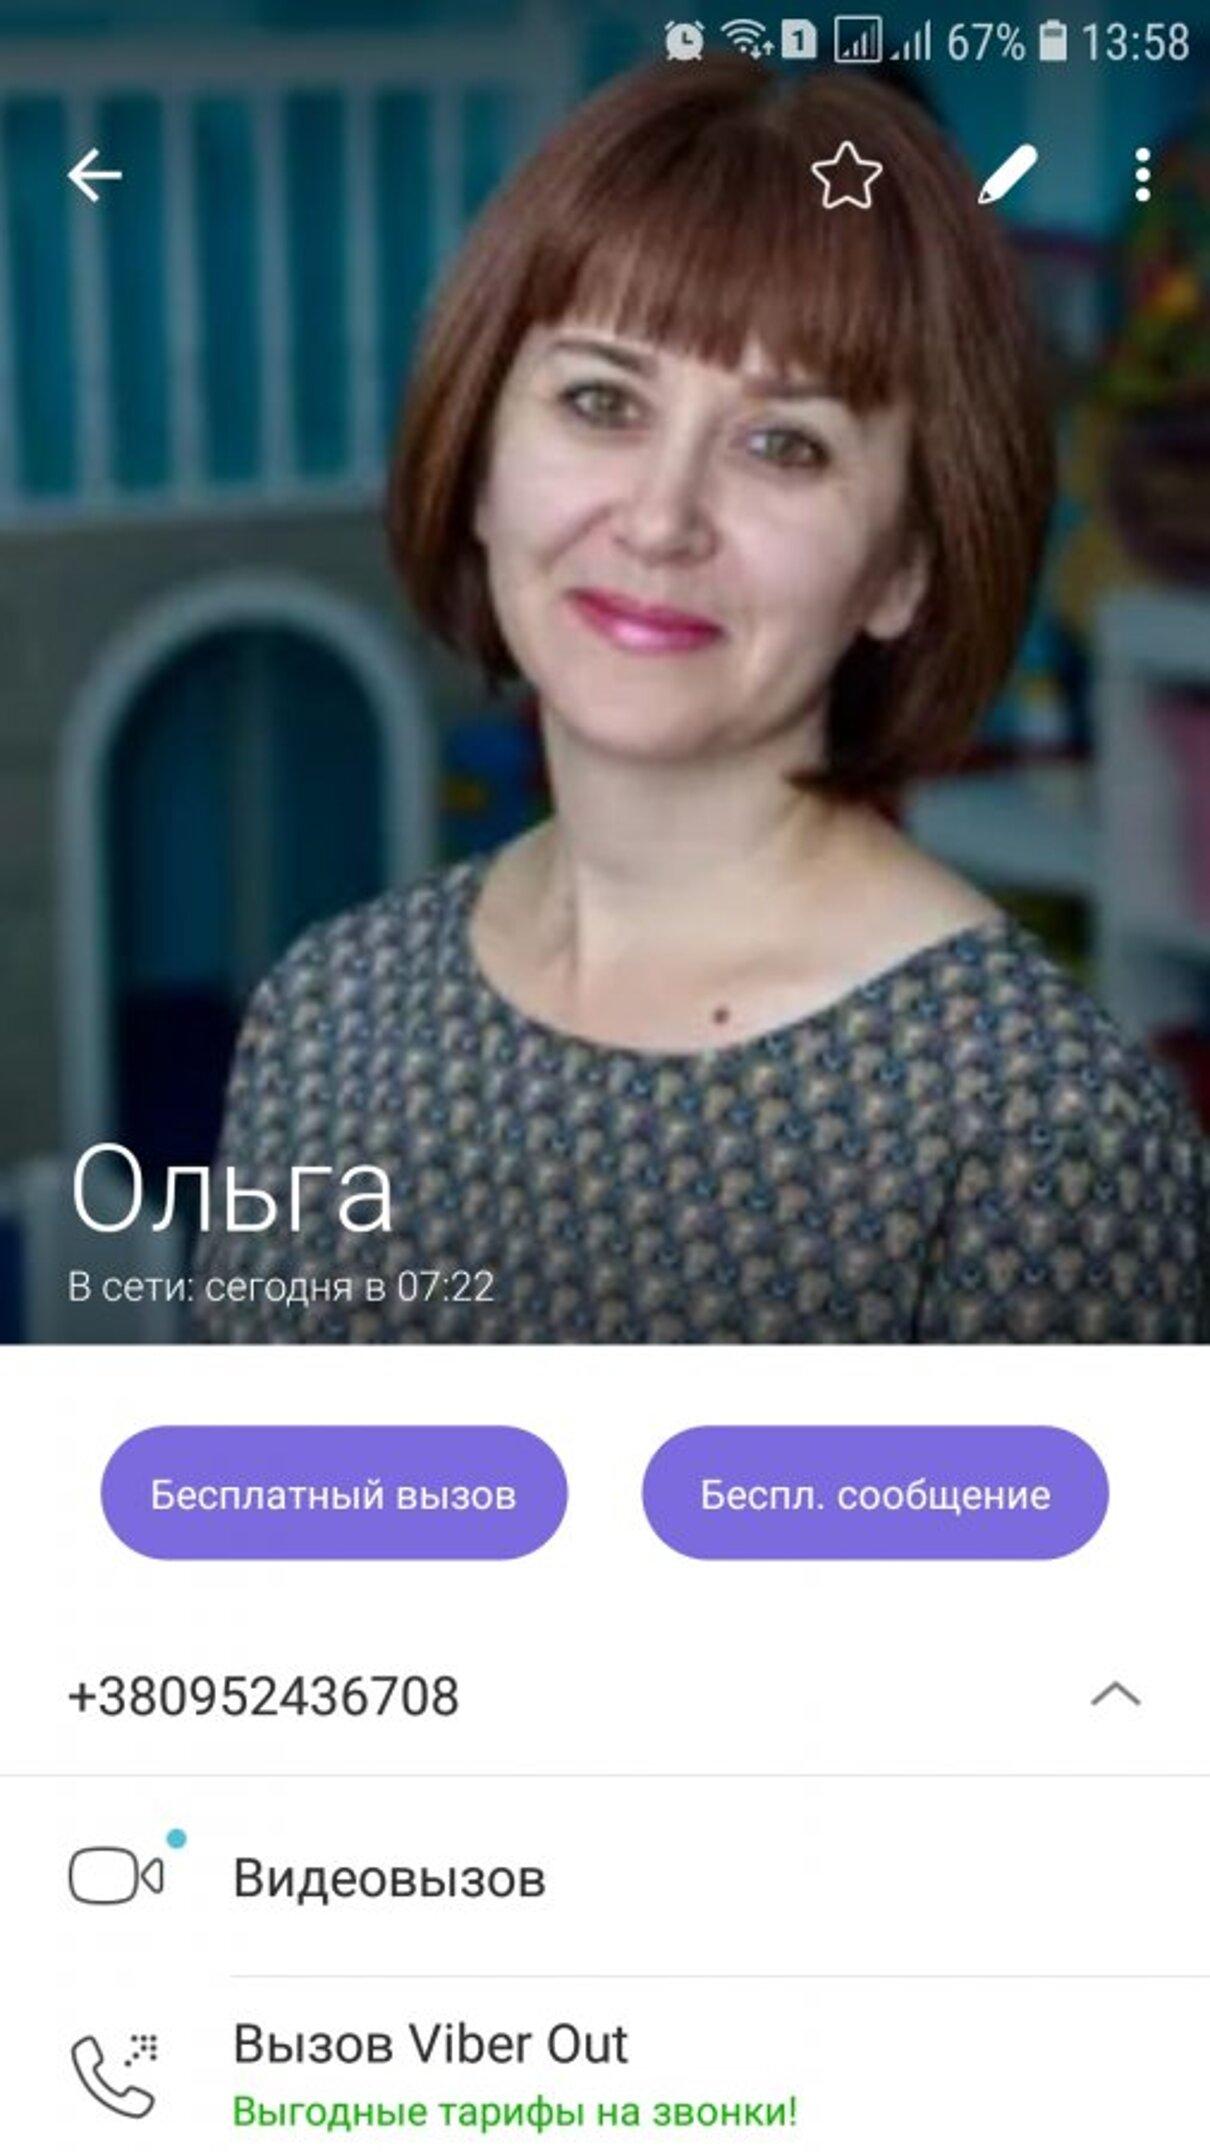 Жалоба-отзыв: Мальцева Ольга Викторовна - Мошенник